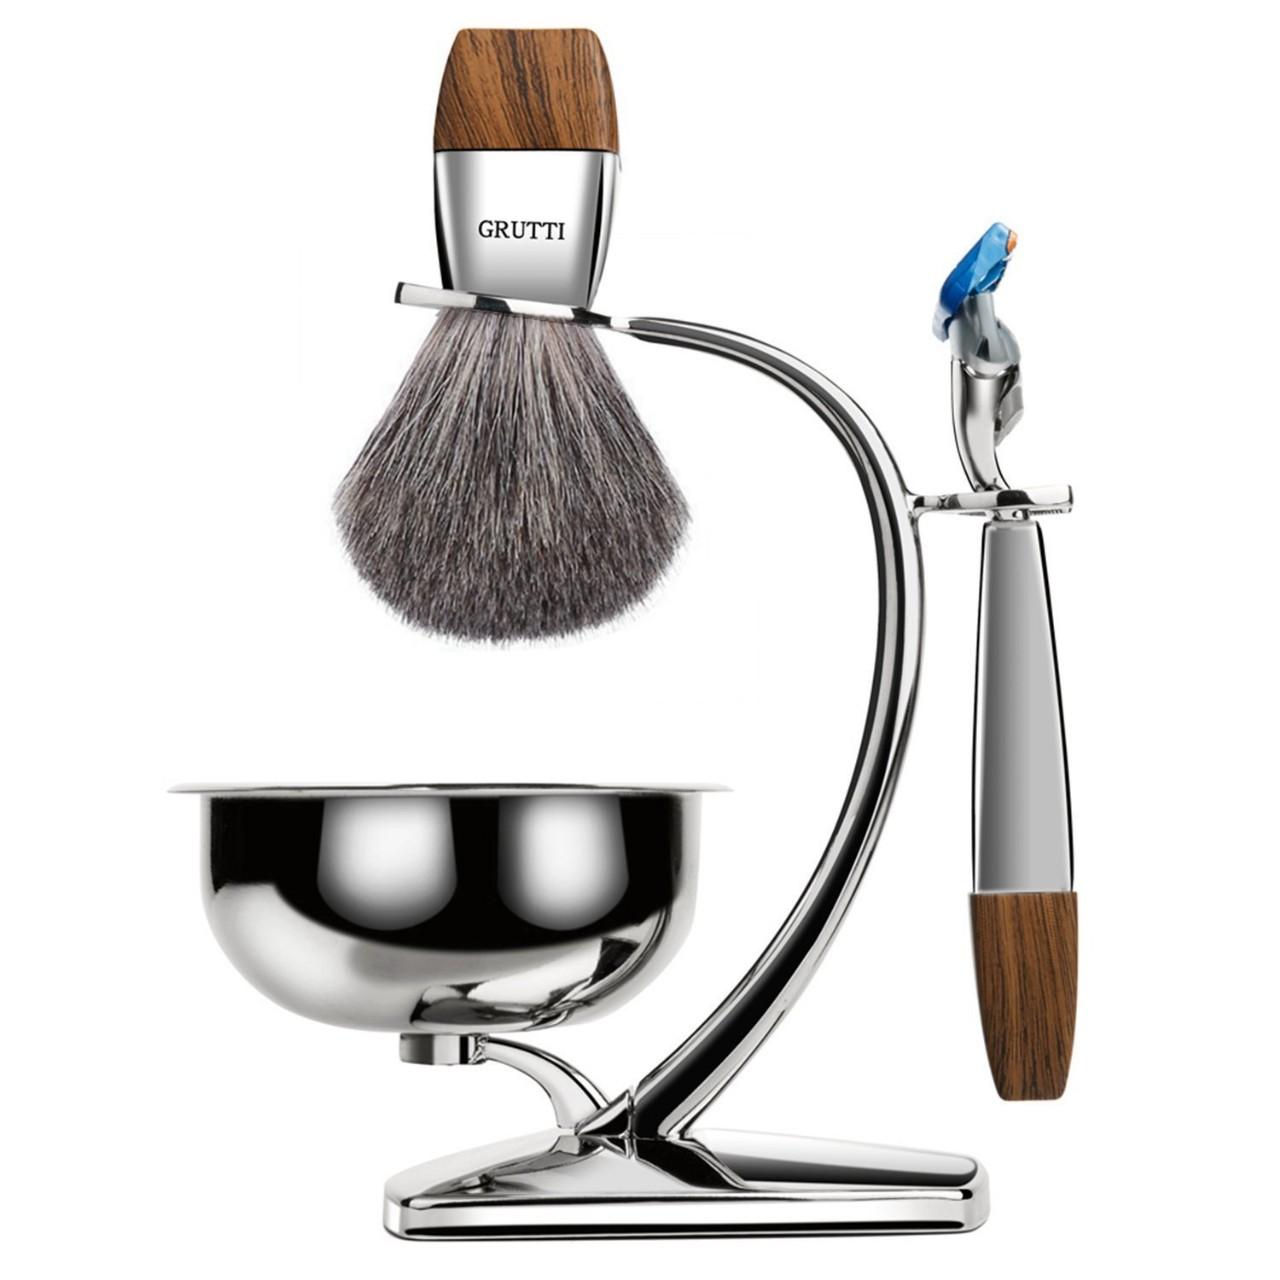 GRUTTI Premium Shaving Brush Set with Luxury Badger Brush Stand and Brush holder for Soap Bowl